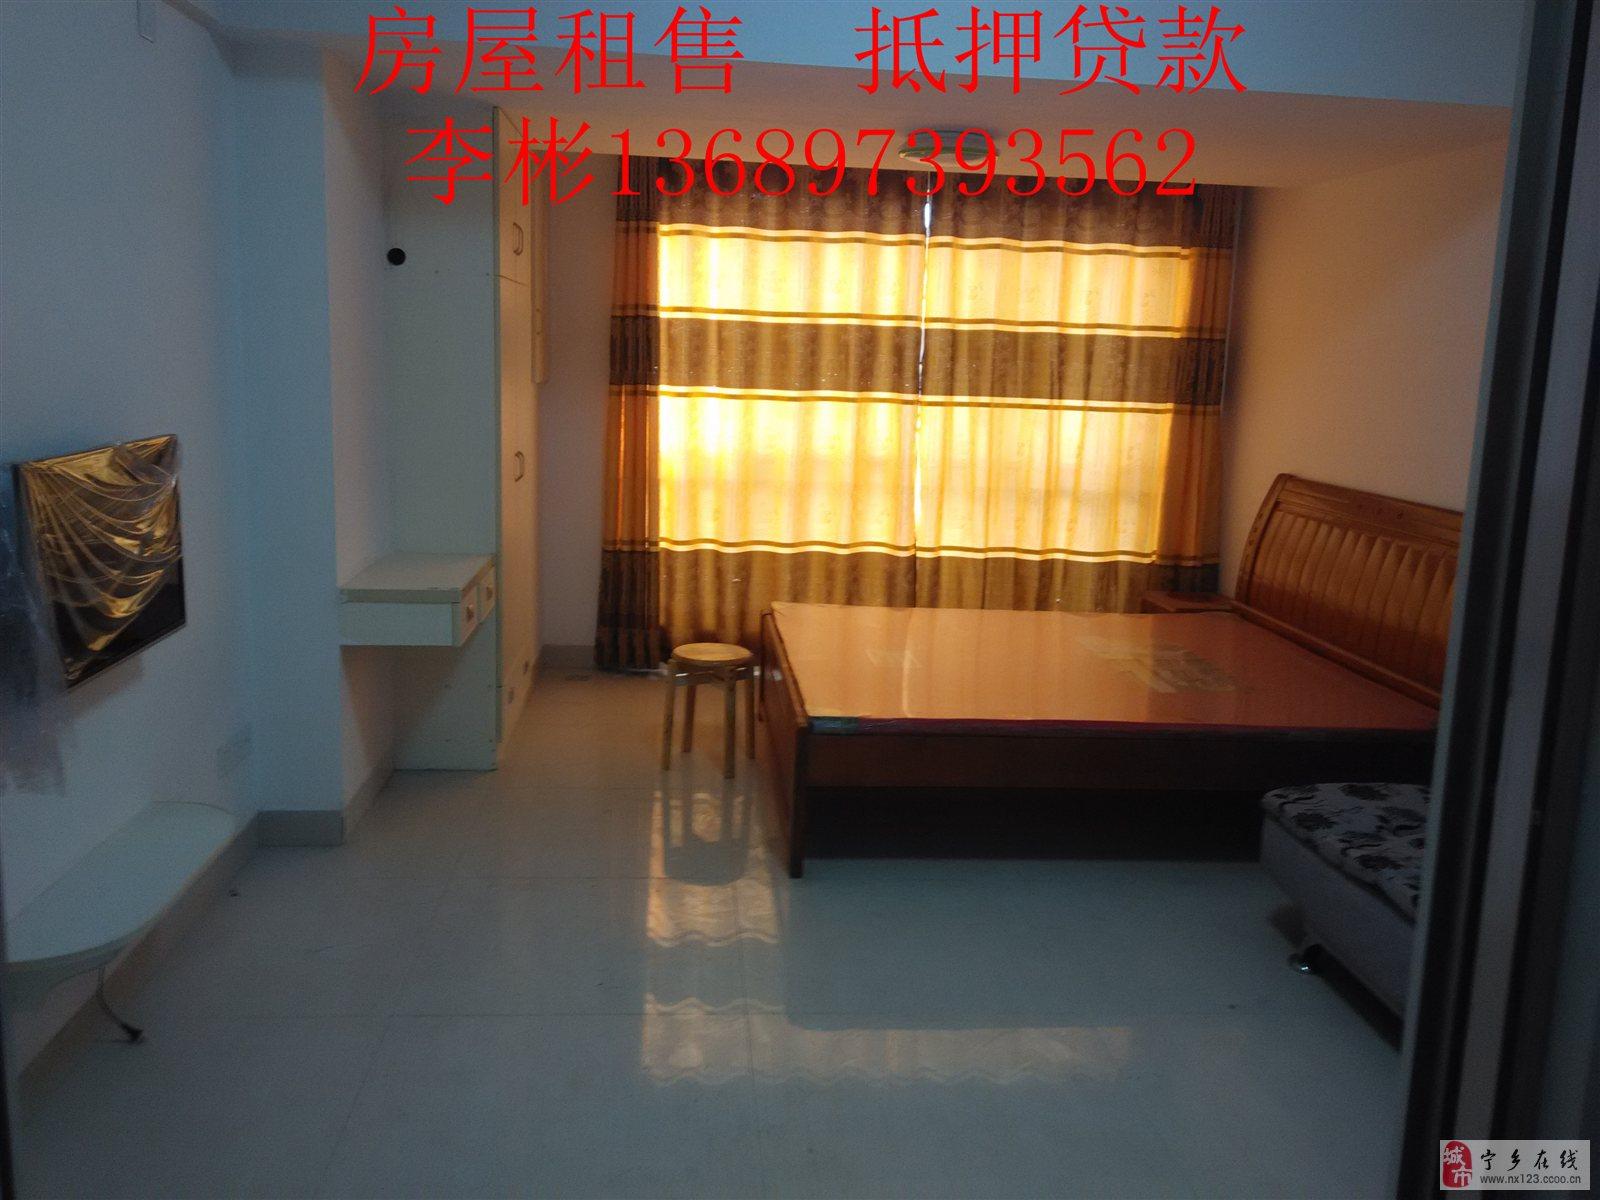 宁乡湘核汇金府1室0厅40平米单身公寓精装修高清图片